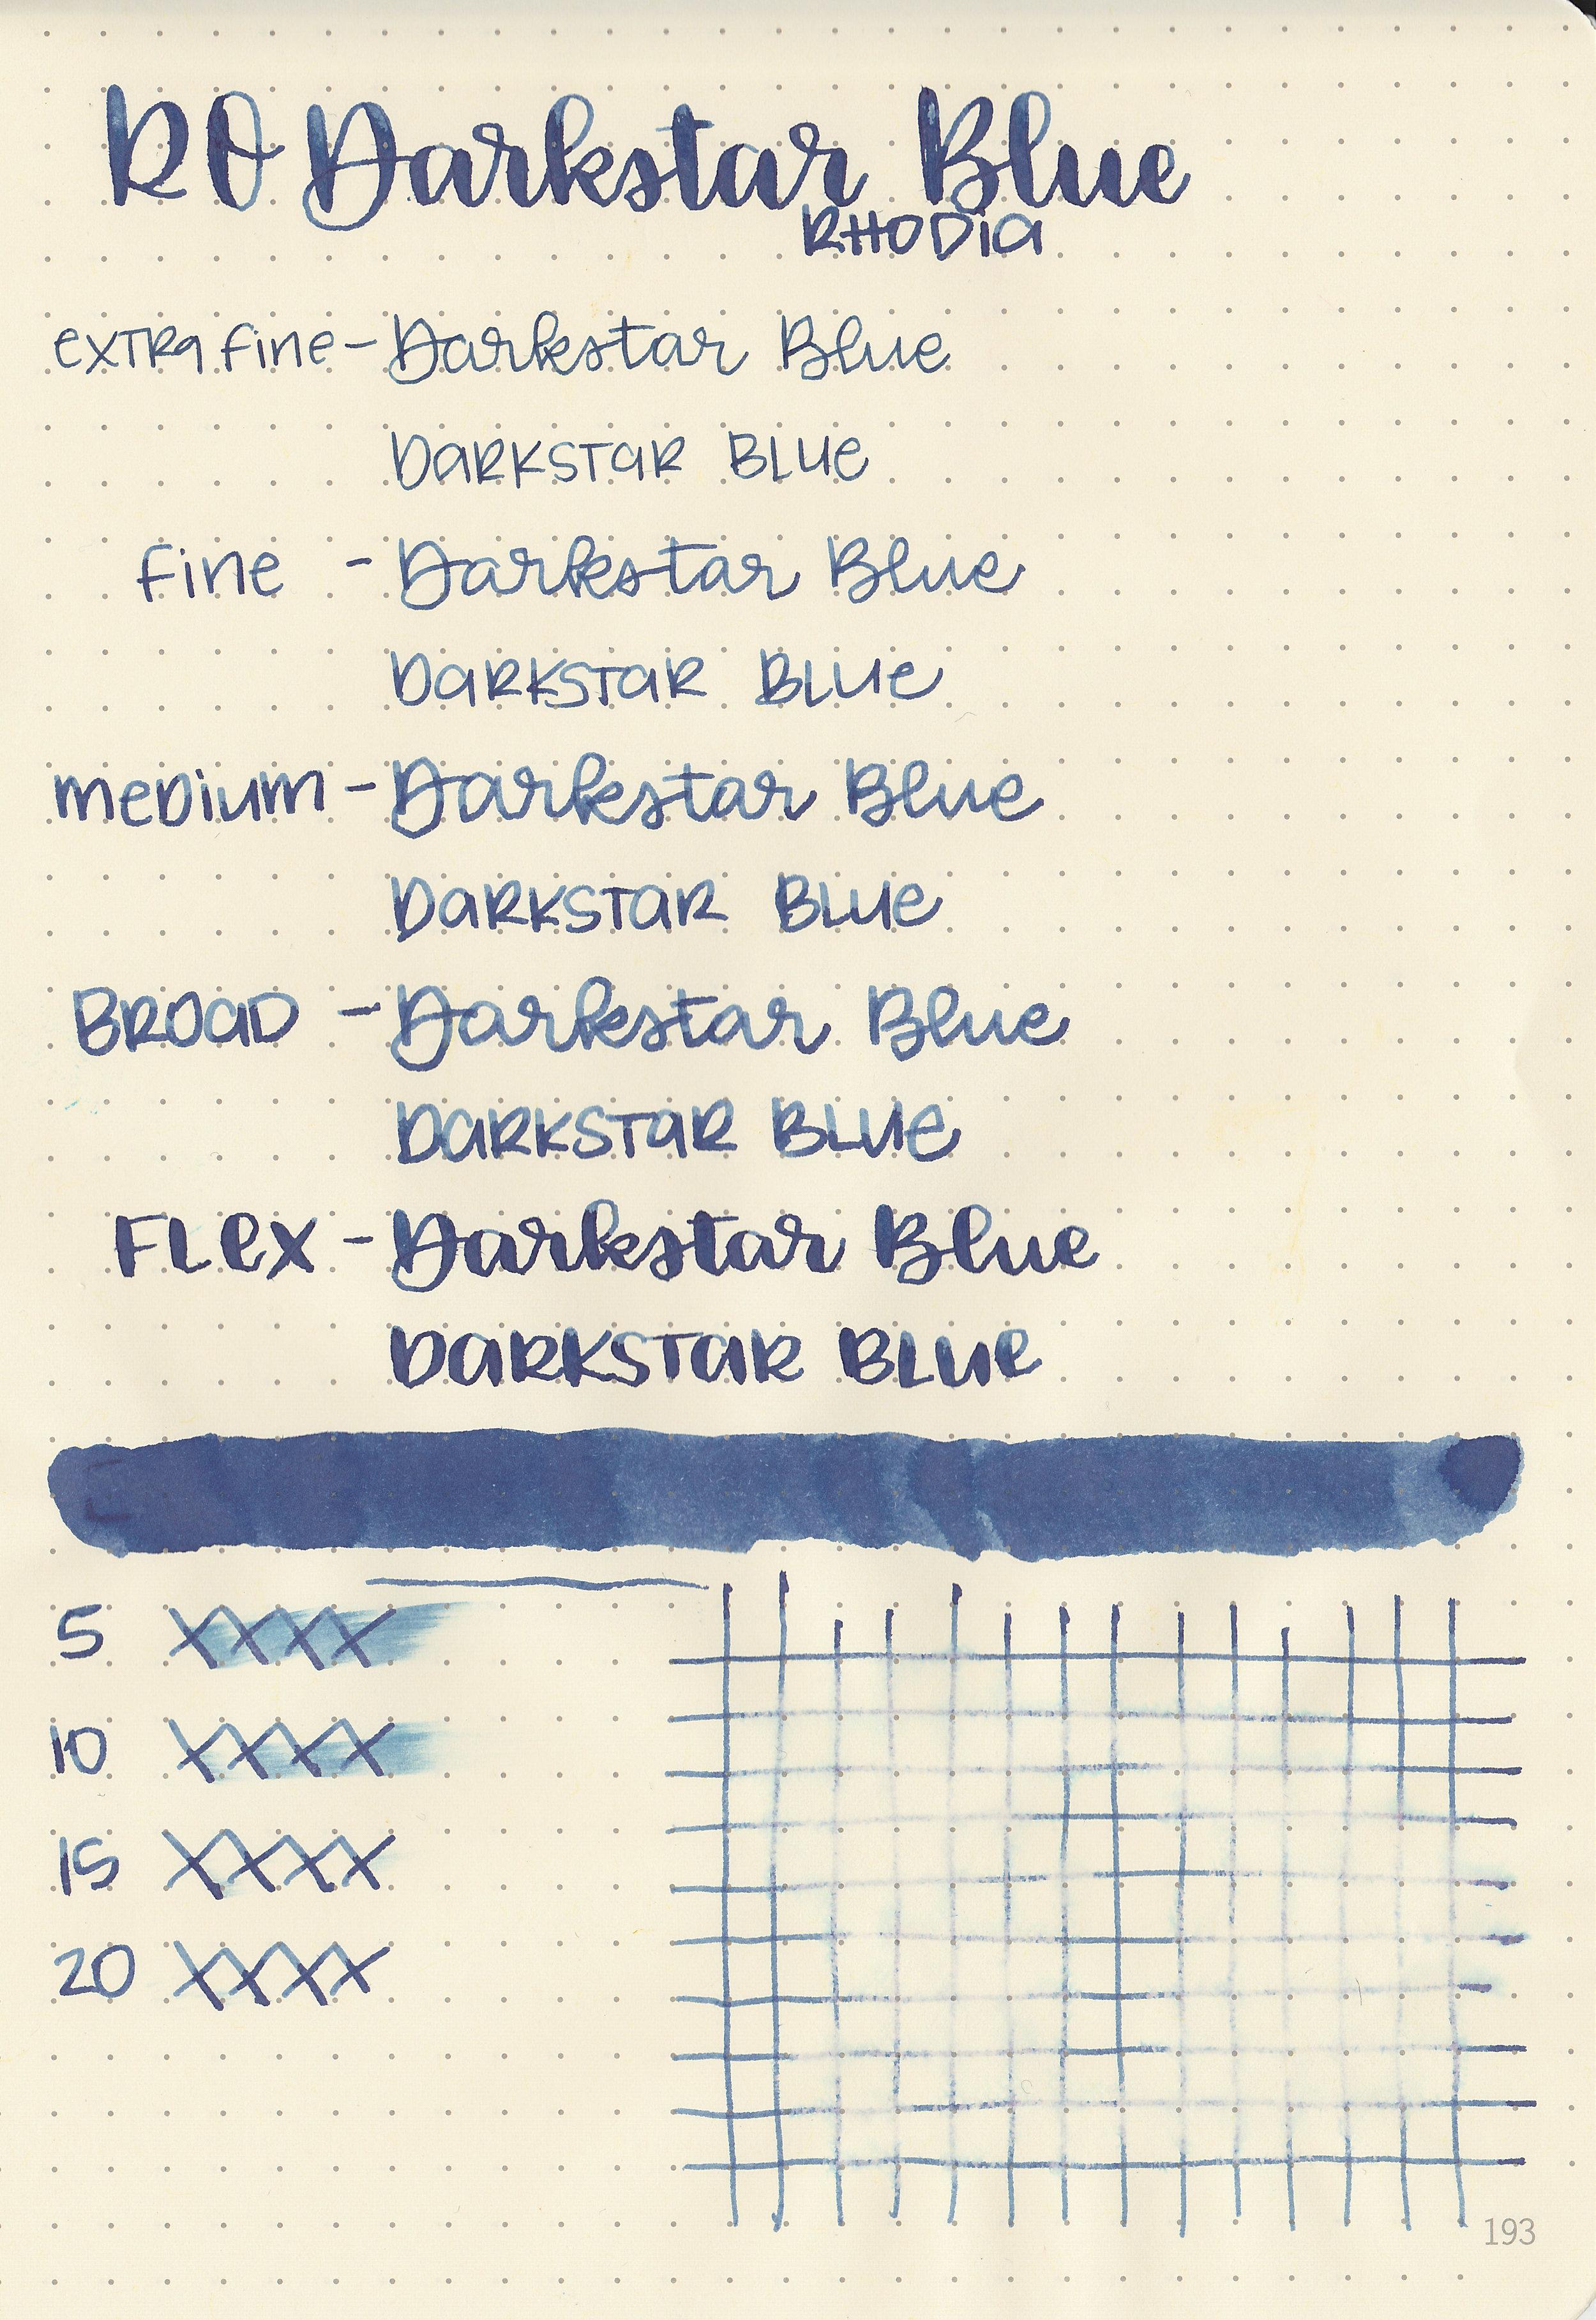 ro-darkstar-blue-10.jpg